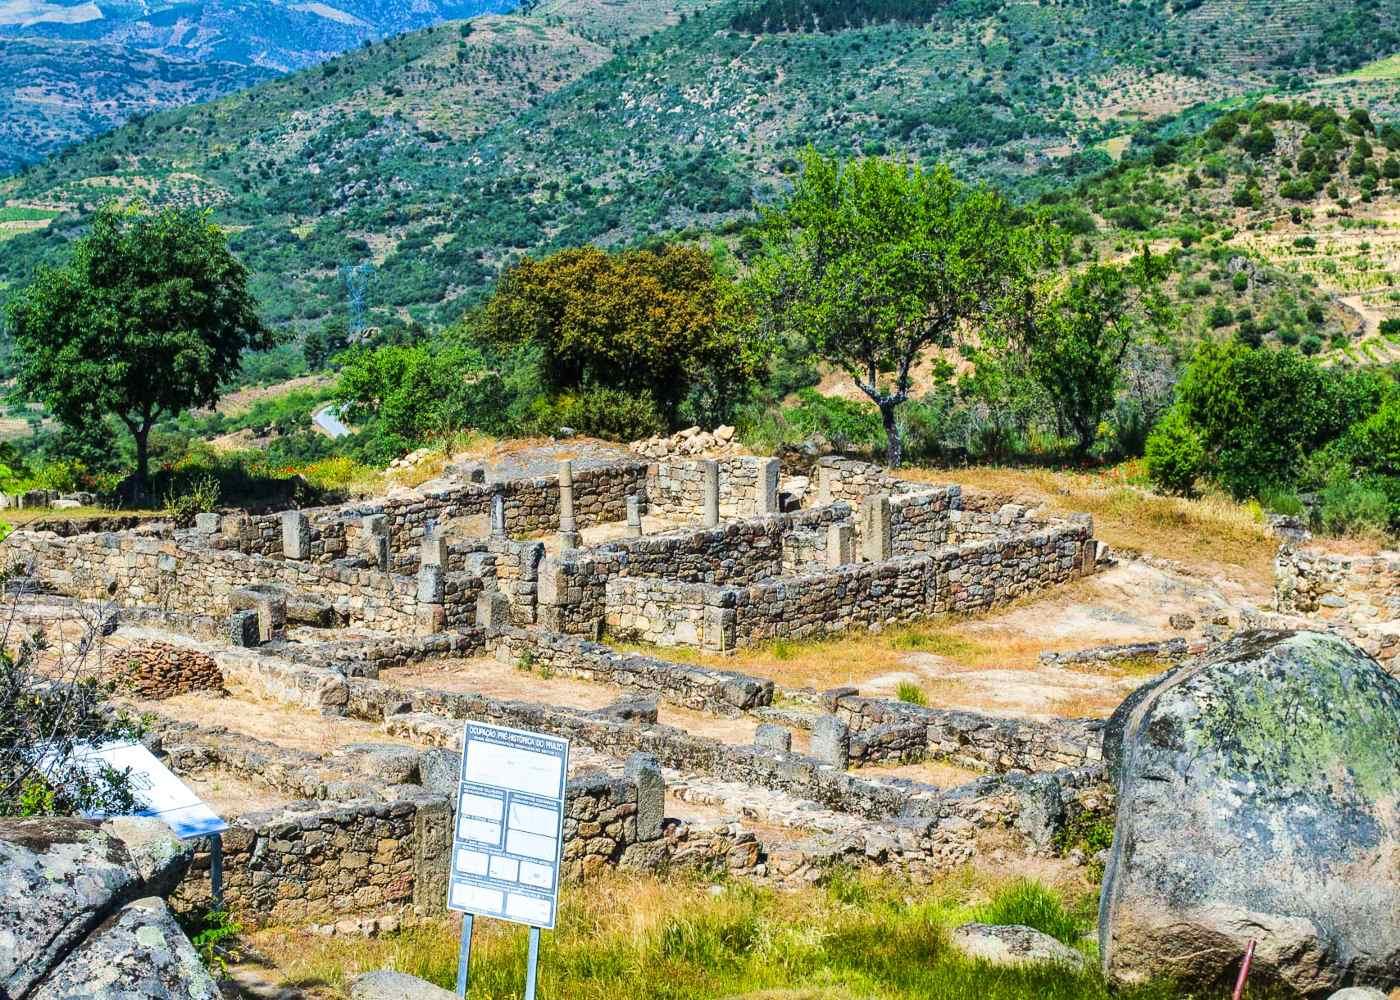 Espaço arqueológico em Freixo de Numão